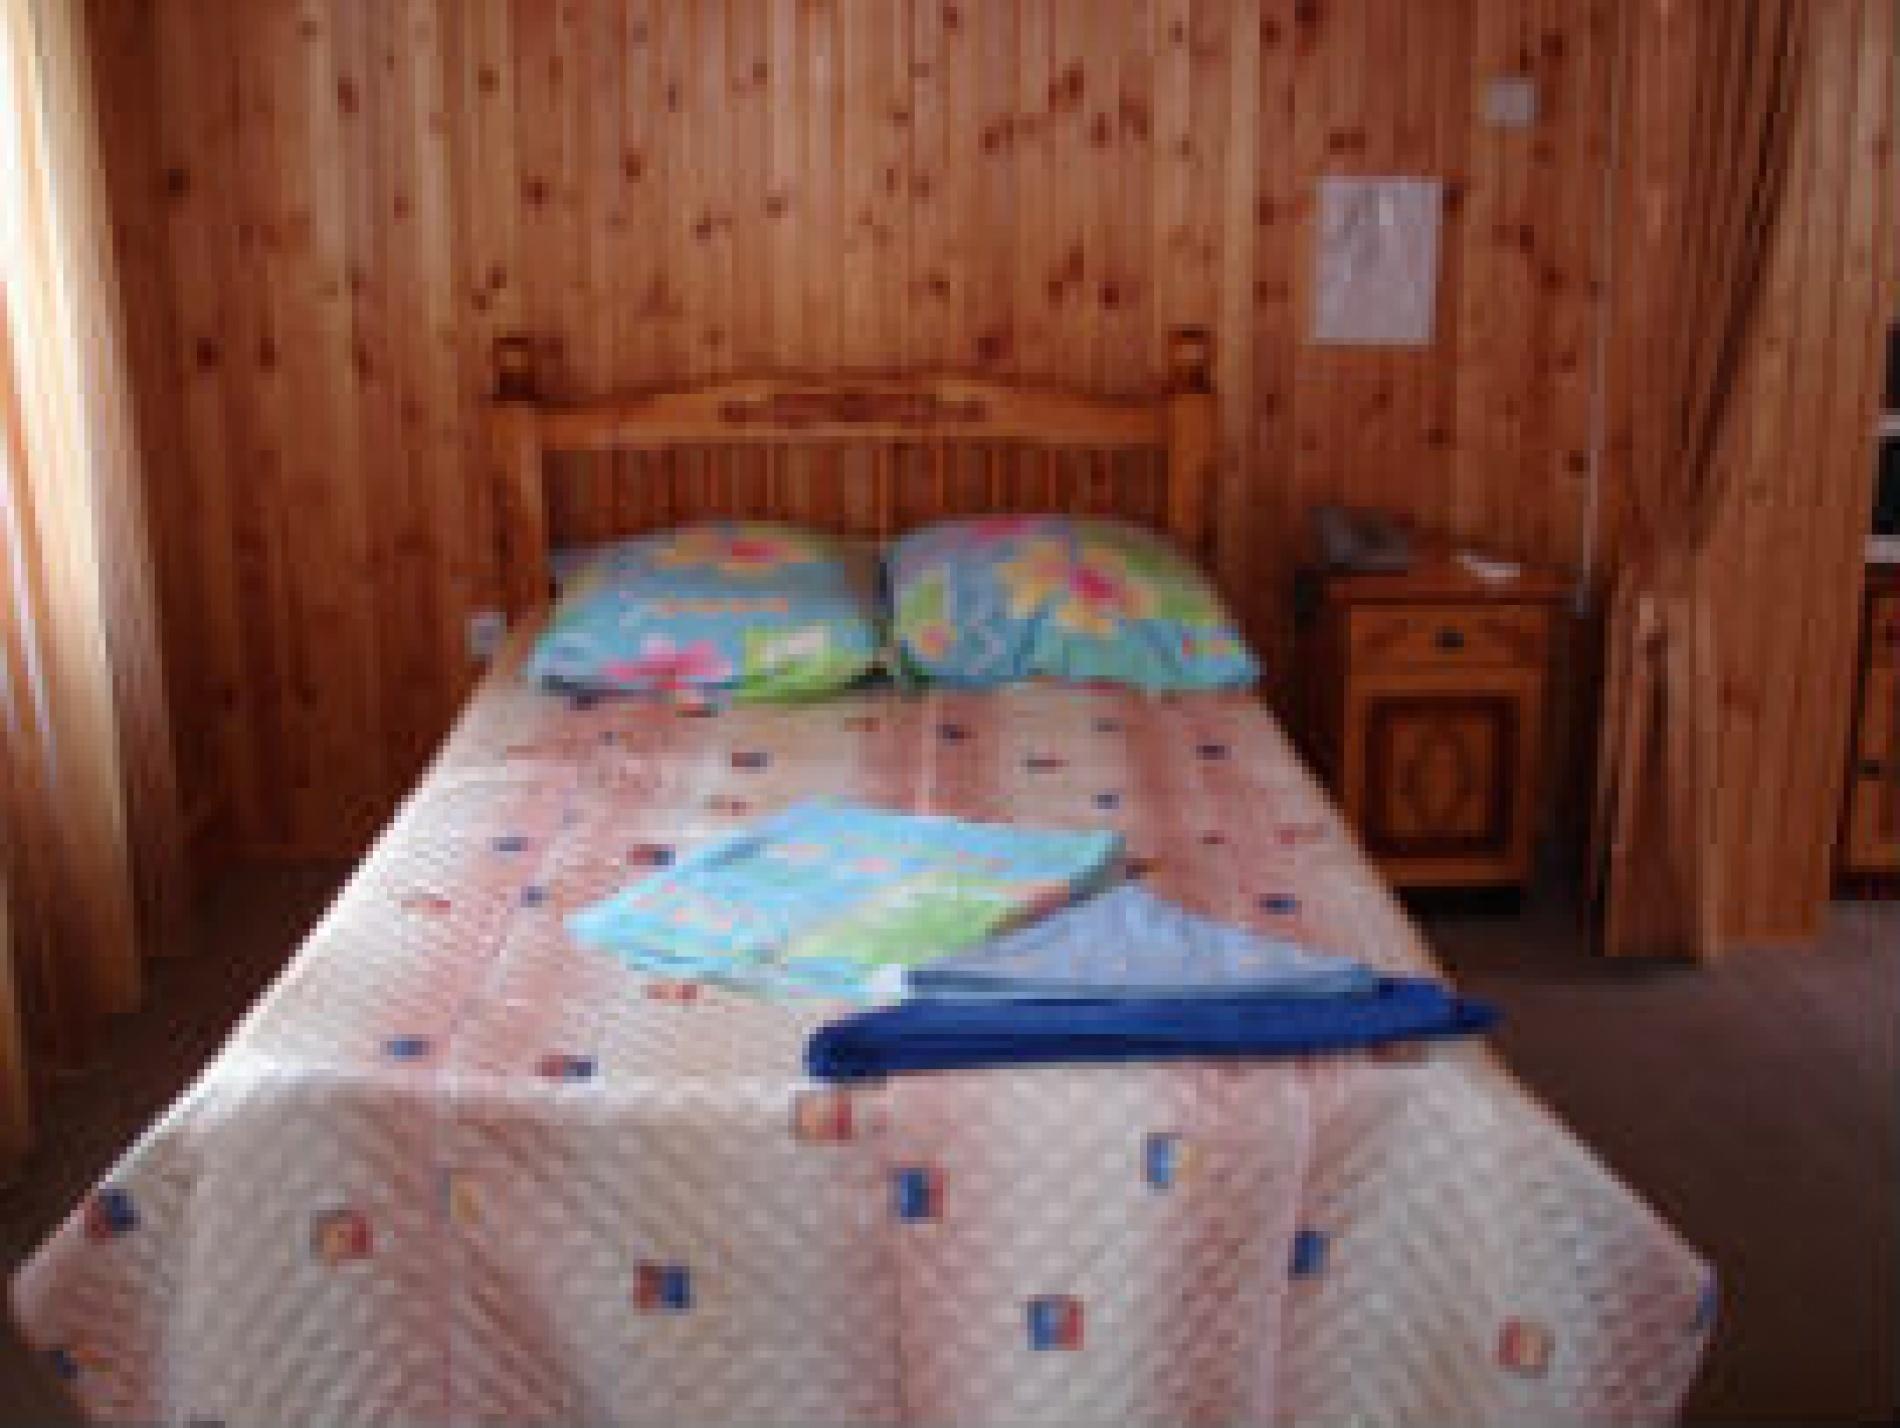 База отдыха им. Стрельникова Омская область Рубленый дом №2, фото 3